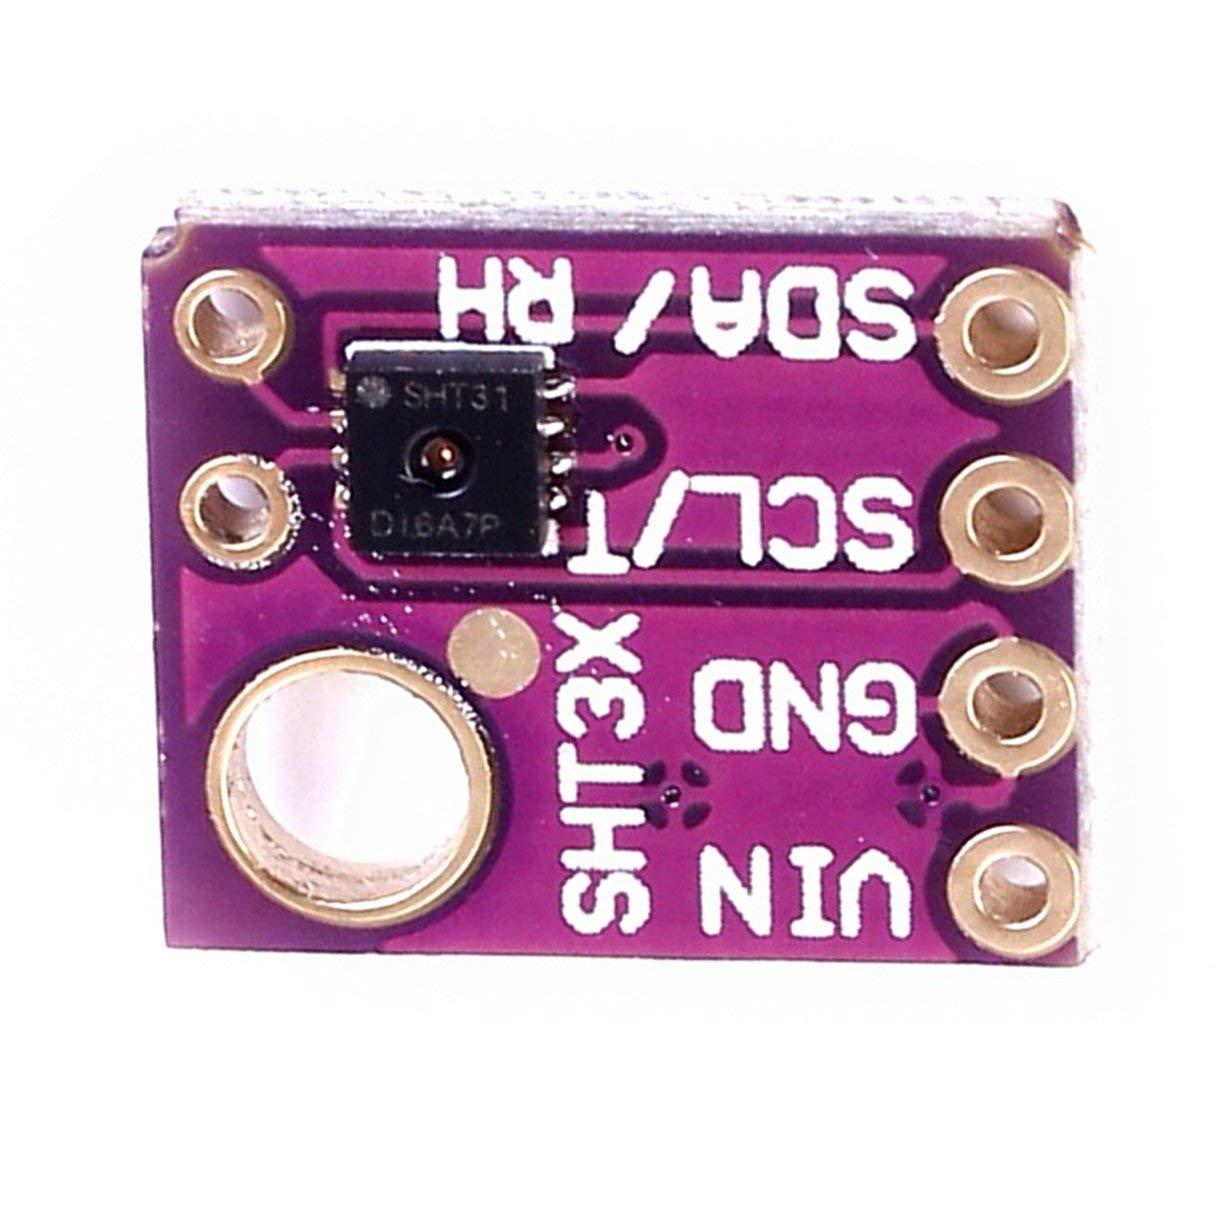 Camellia SHT30 SHT30-D Temperatura Humedad Sensor Tiempo de Arranque para Arduino I2C Interfaz M/ódulo de Sensor Digital p/úrpura